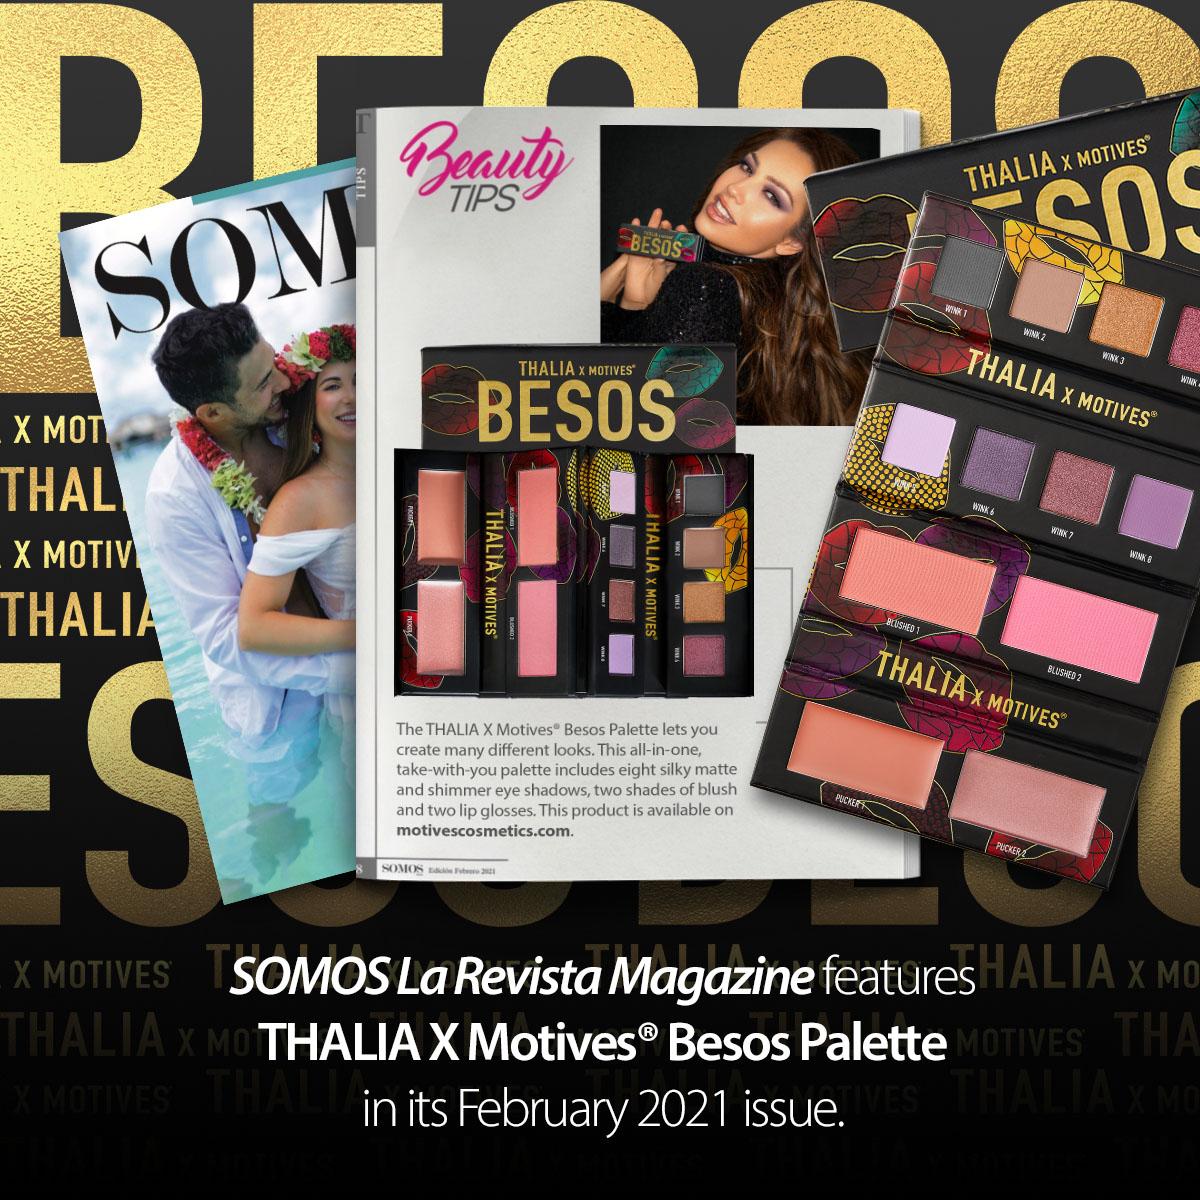 The @thalia X @Motives BESOS Palette was featured in #SomosLaRevista! Shop #Thalia Palette: